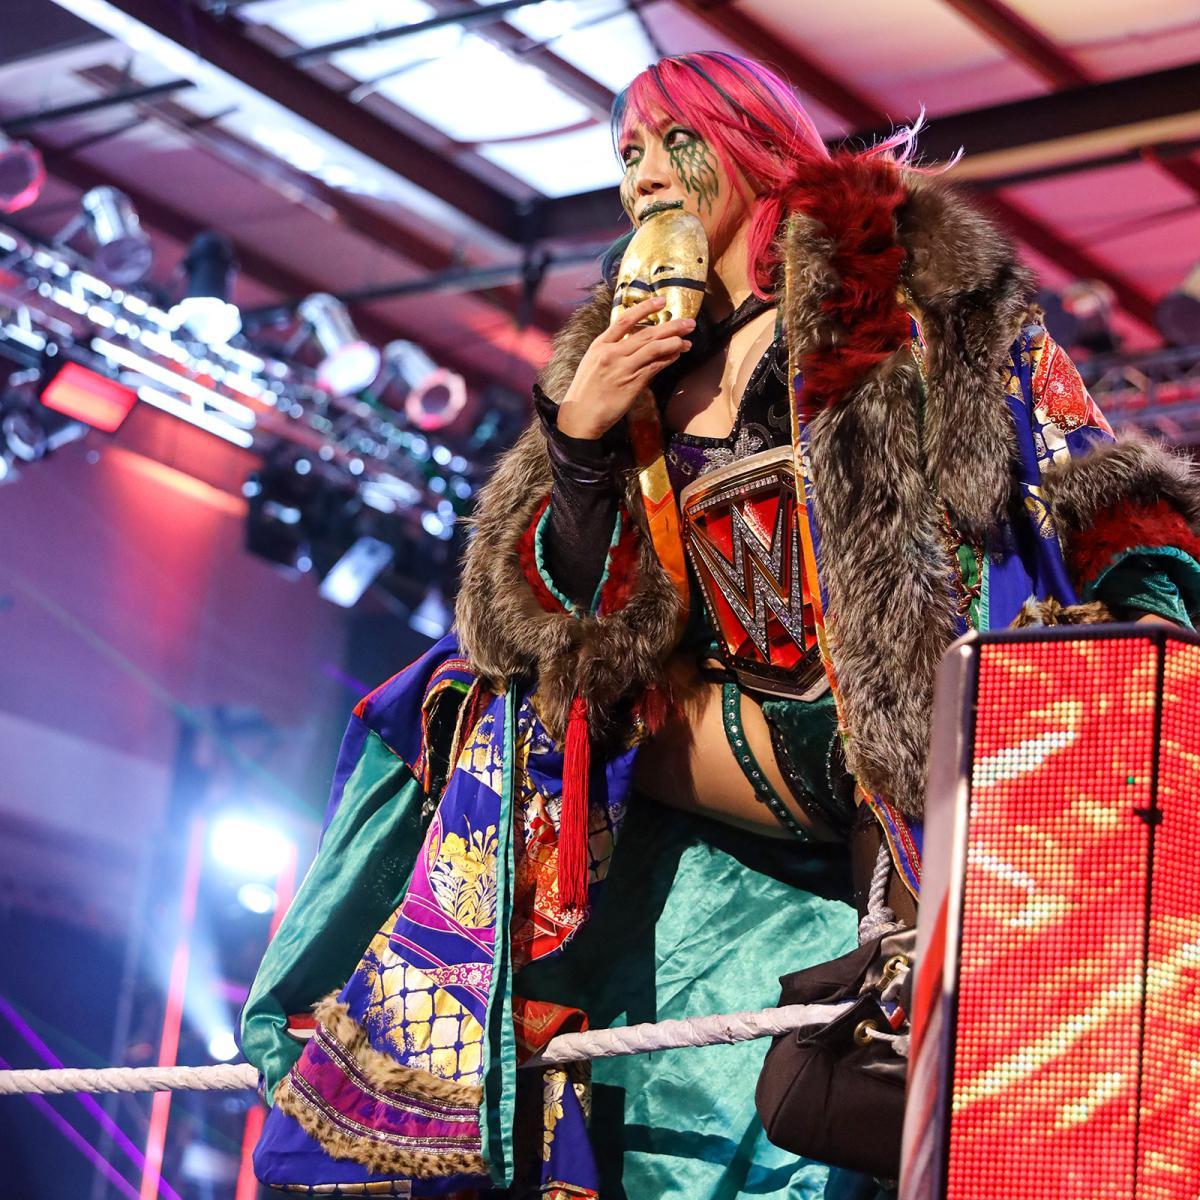 レッスルマニア37大会で防衛戦を行うことが発表されたロウ女子王者アスカ(C)2021 WWE, Inc. All Rights Reserved.